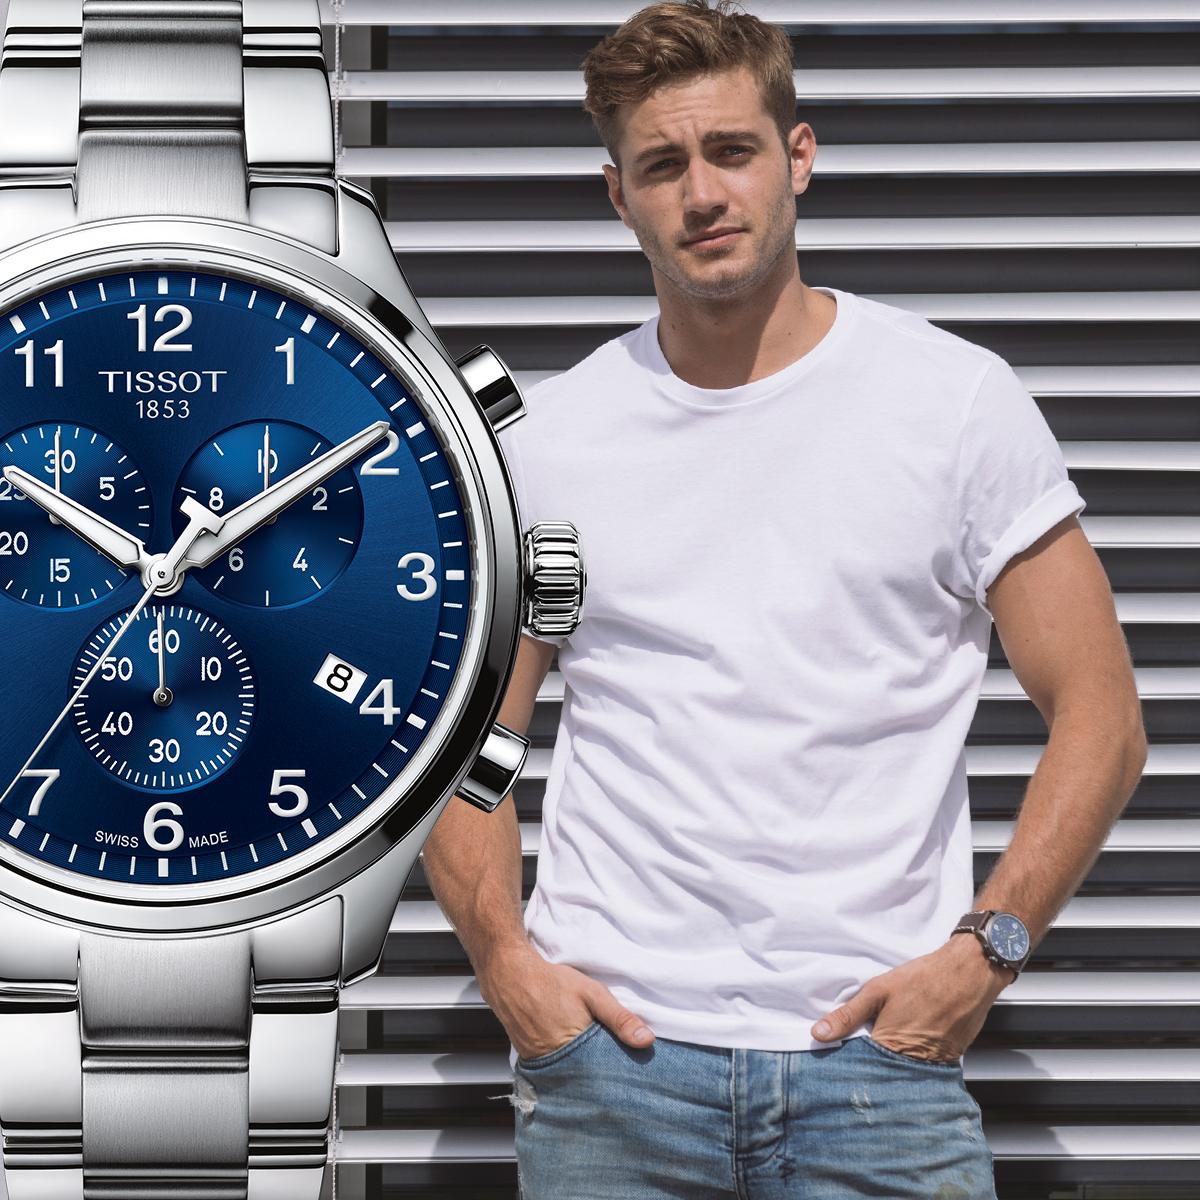 zegarek Tissot T116.617.11.047.01 kwarcowy męski Chrono XL CHRONO XL